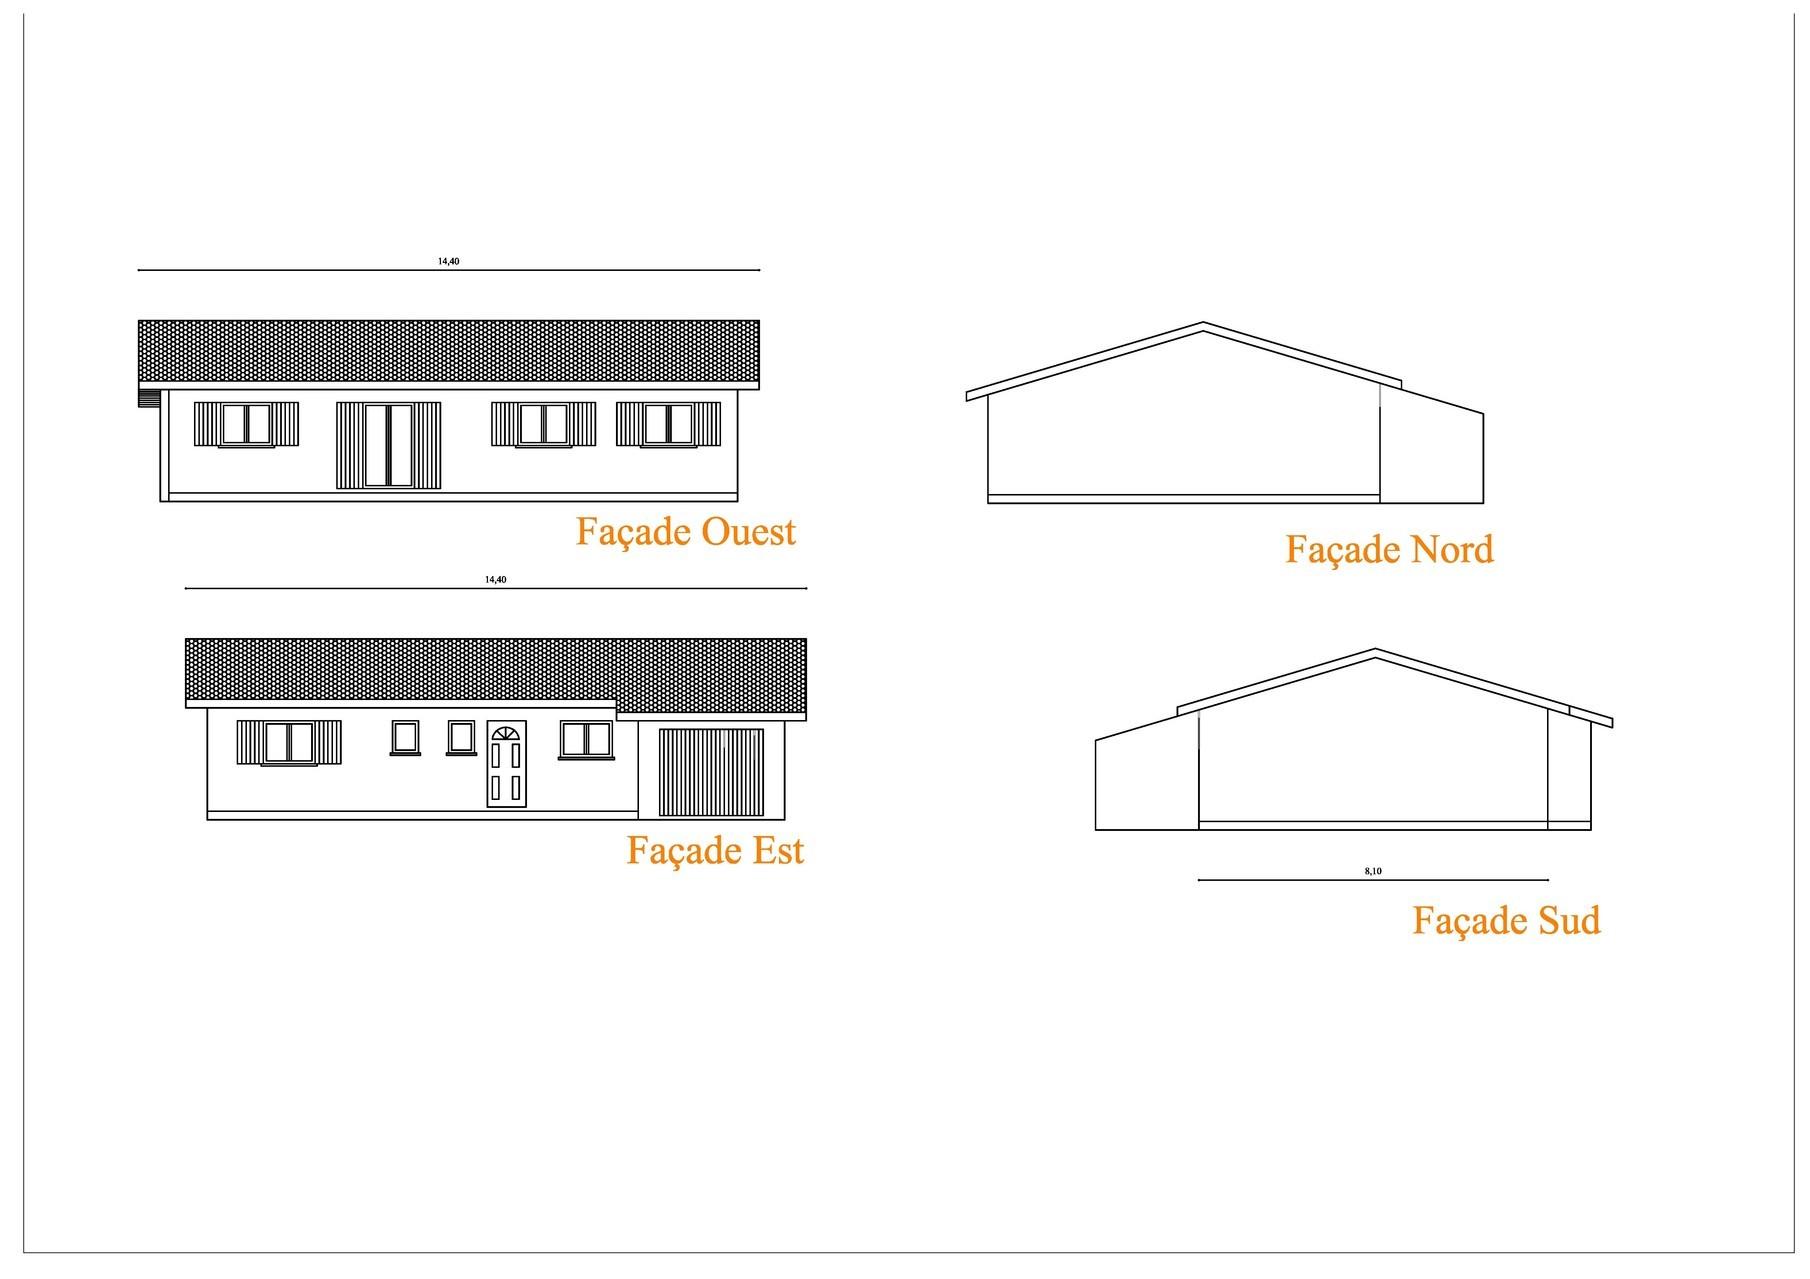 Agrandir sa maison conseils thermiques for Permis de construire pour agrandissement